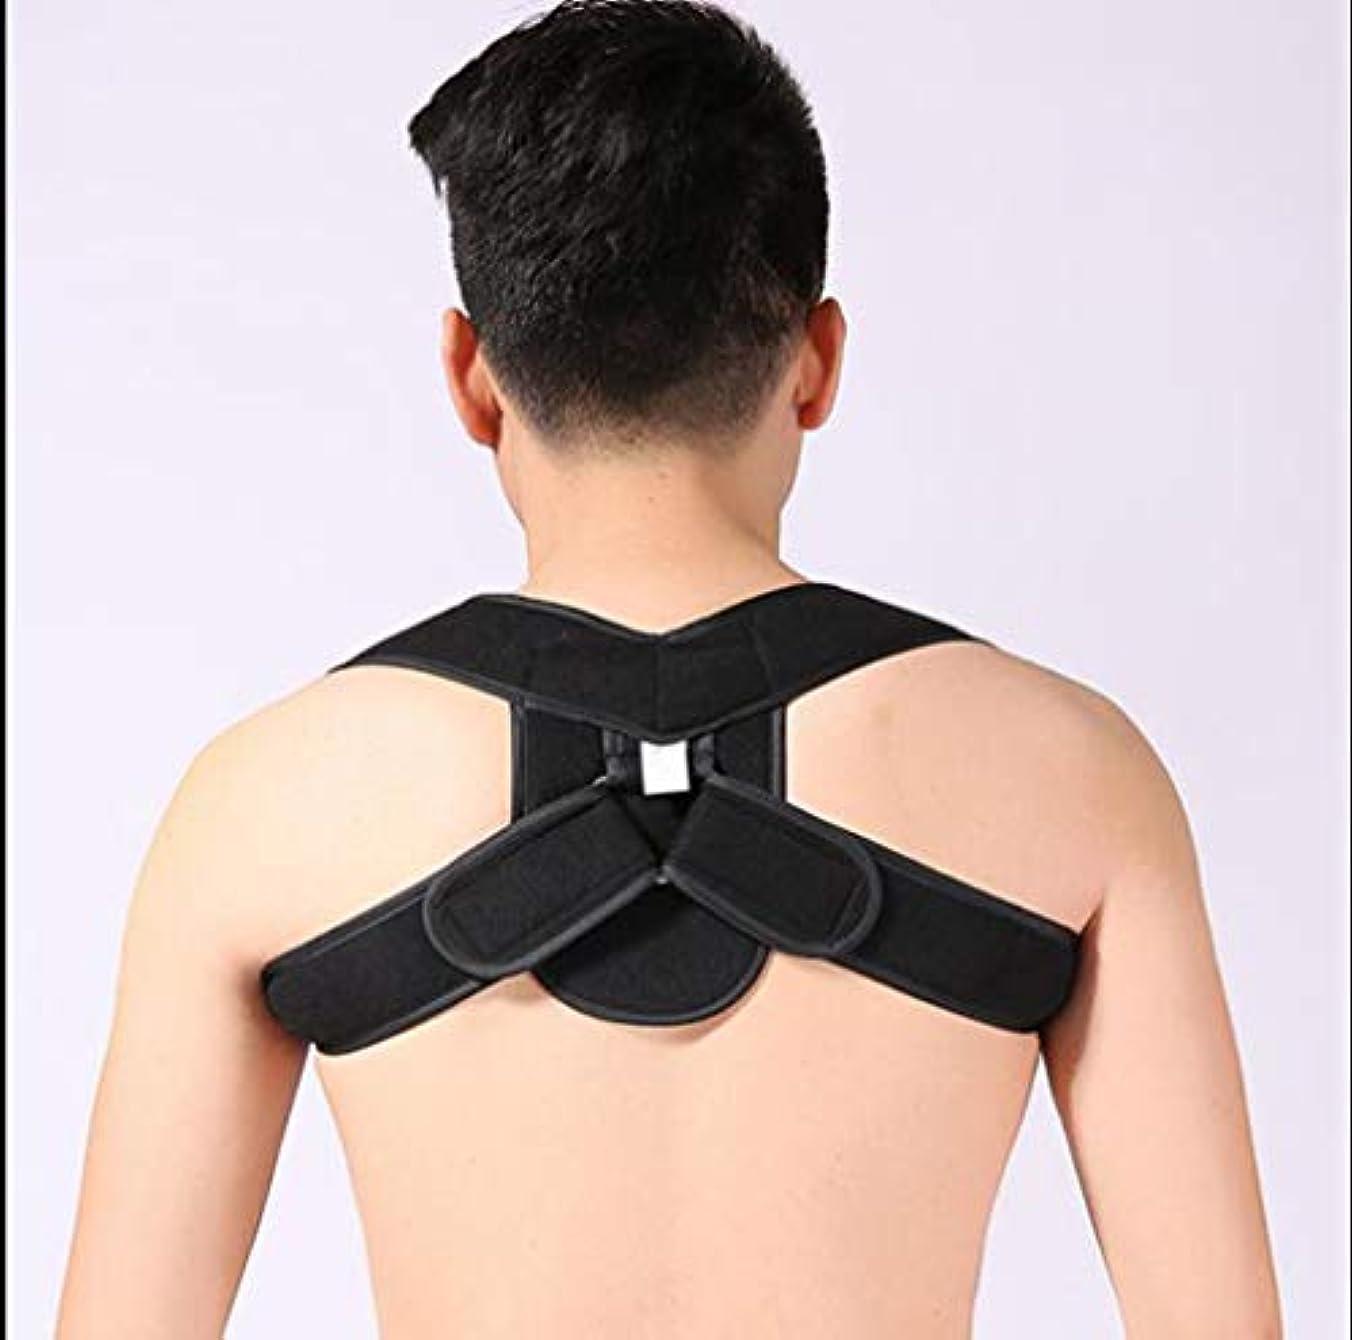 専ら役職関税姿勢矯正装置調節可能なバックブレースプロフェッショナル医療整形外科の服の下に肩の痛み多機能肩矯正ベルト